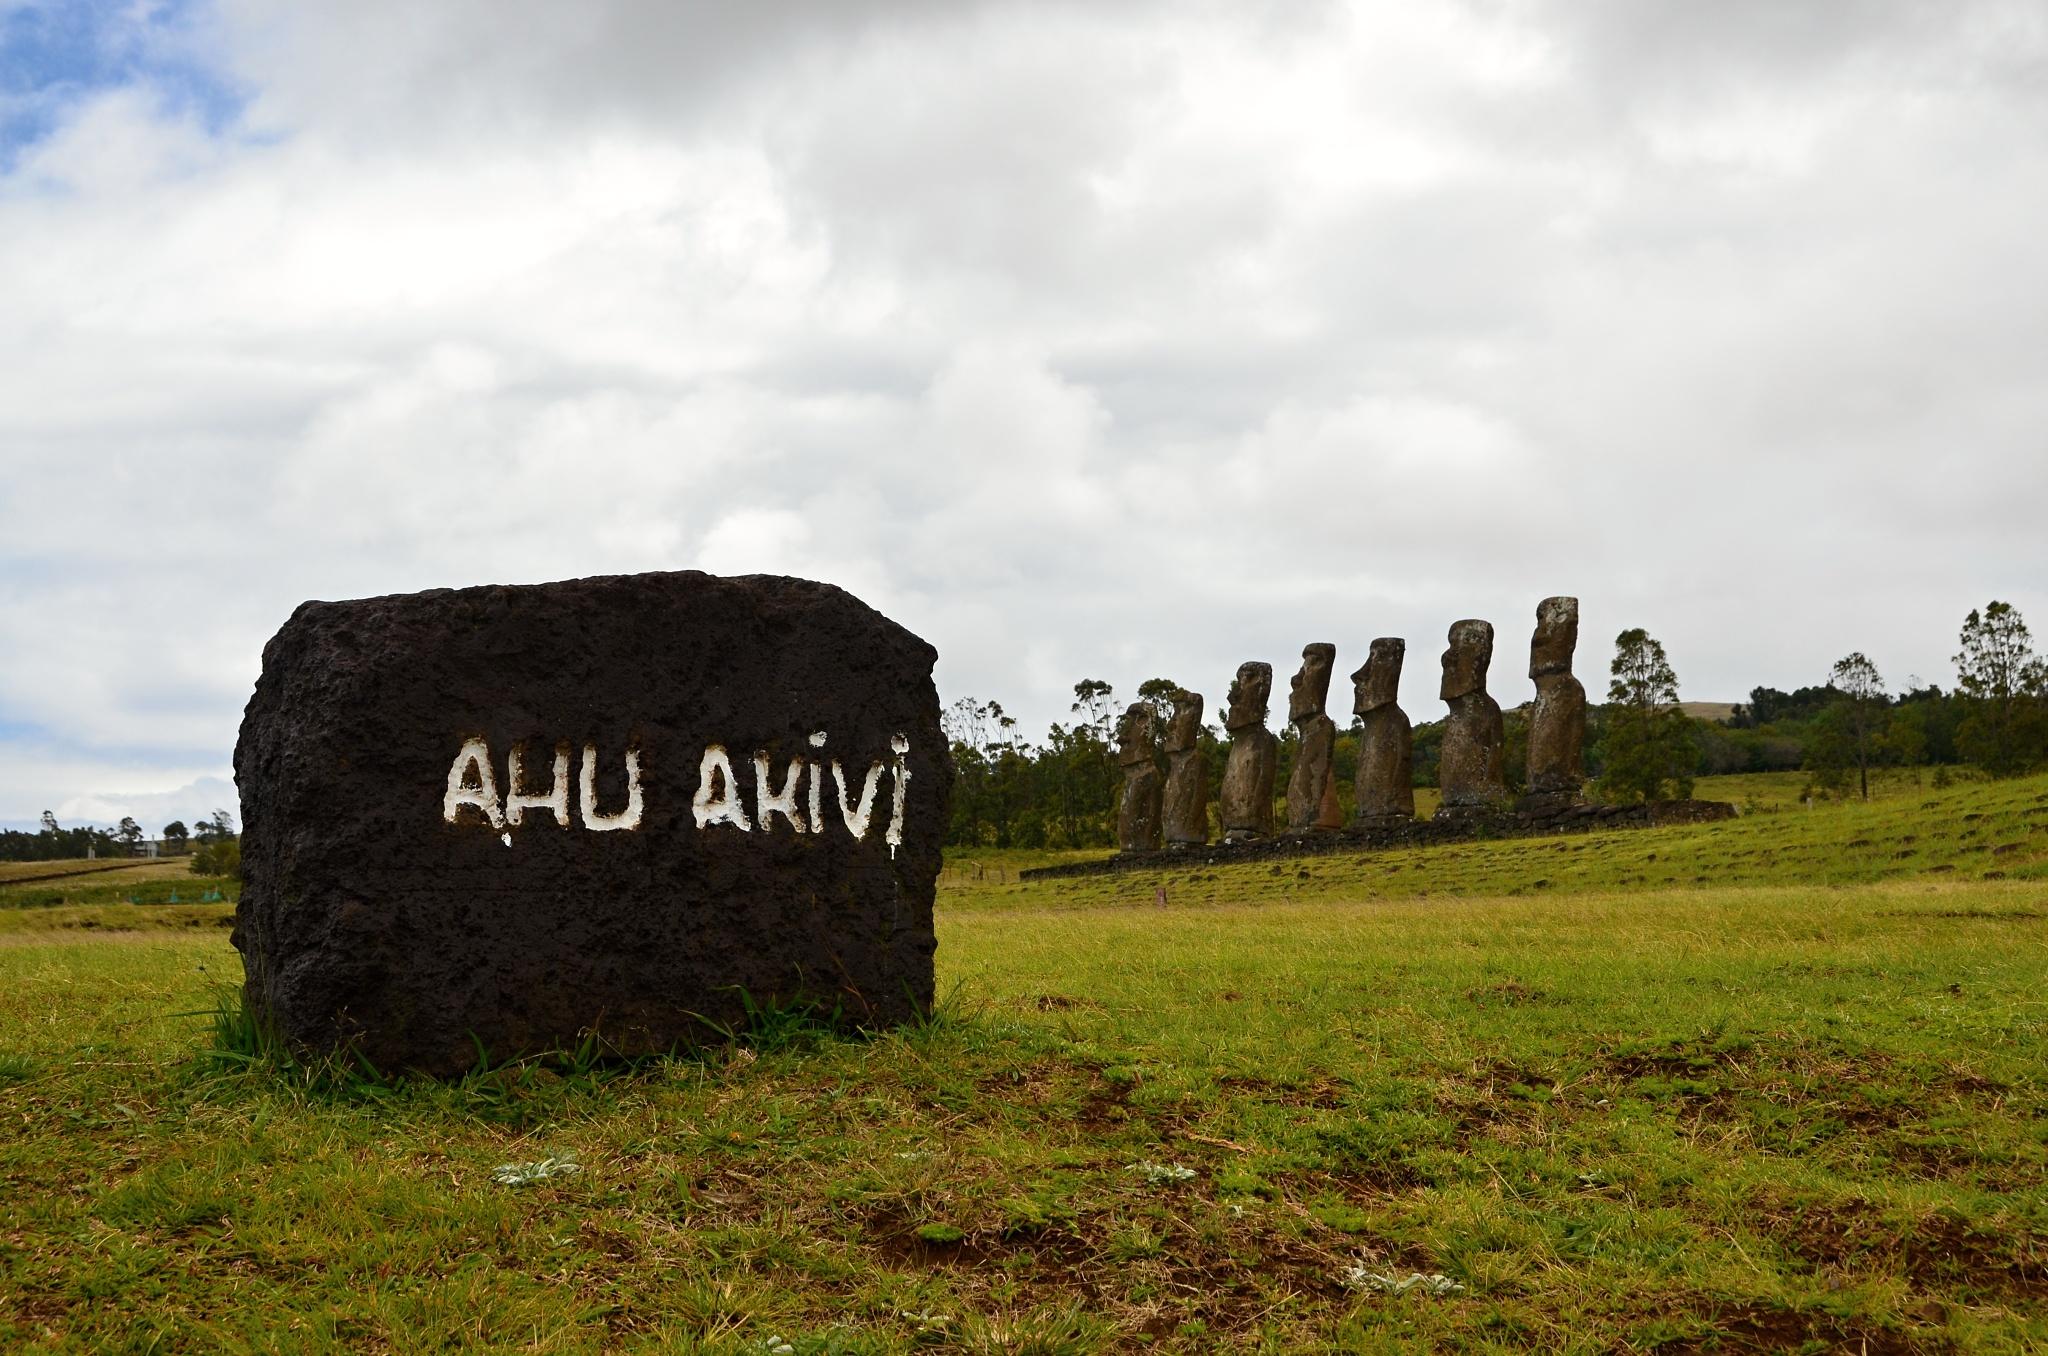 Posvátné místo Ahu Akivi se sedmi Moai